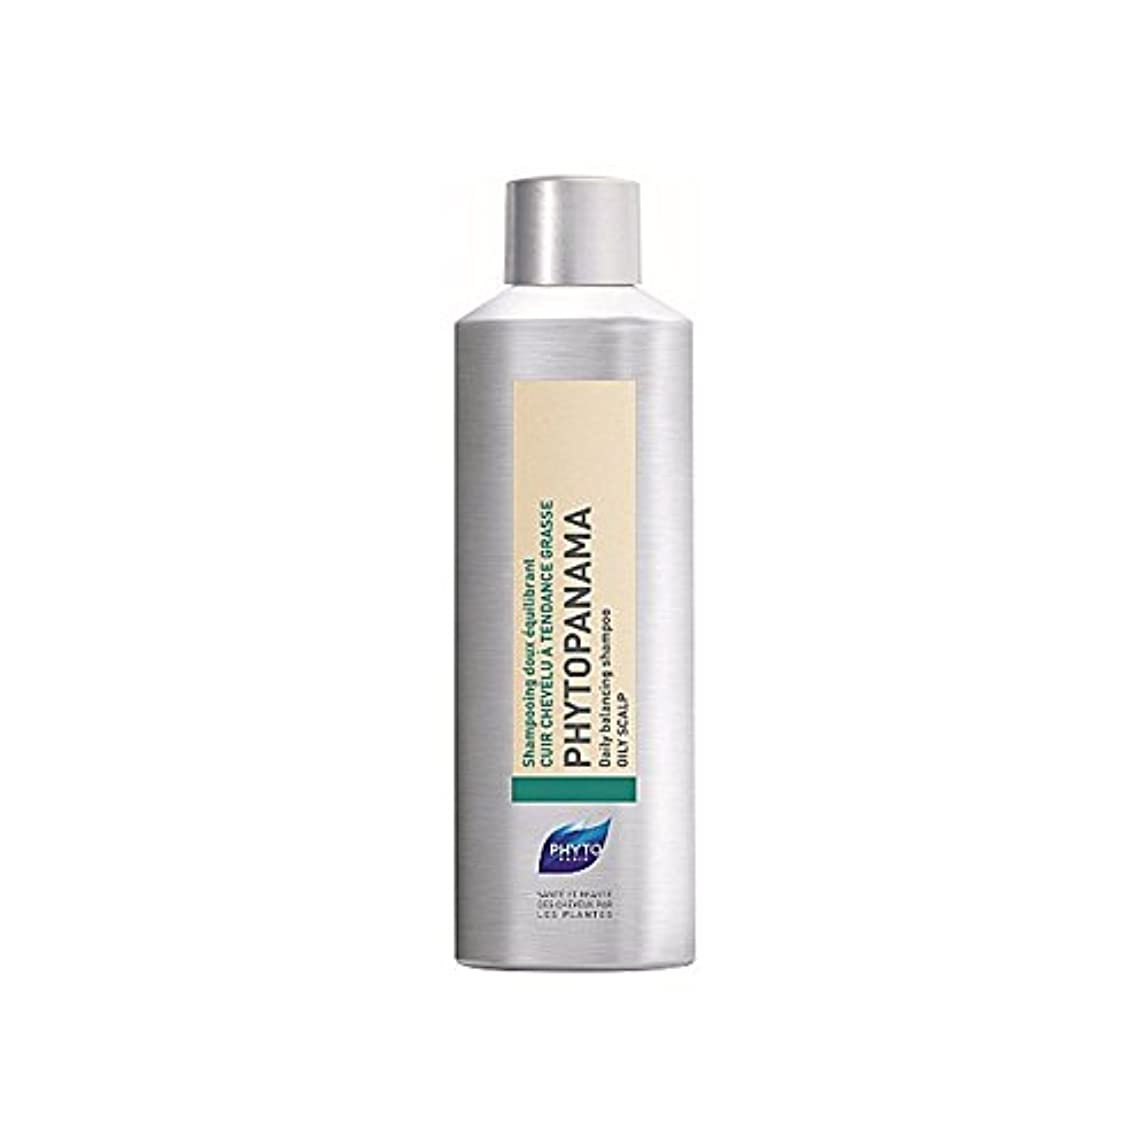 アパルリールおとこフィトシャンプー200ミリリットル x4 - Phyto Phytopanama Shampoo 200ml (Pack of 4) [並行輸入品]